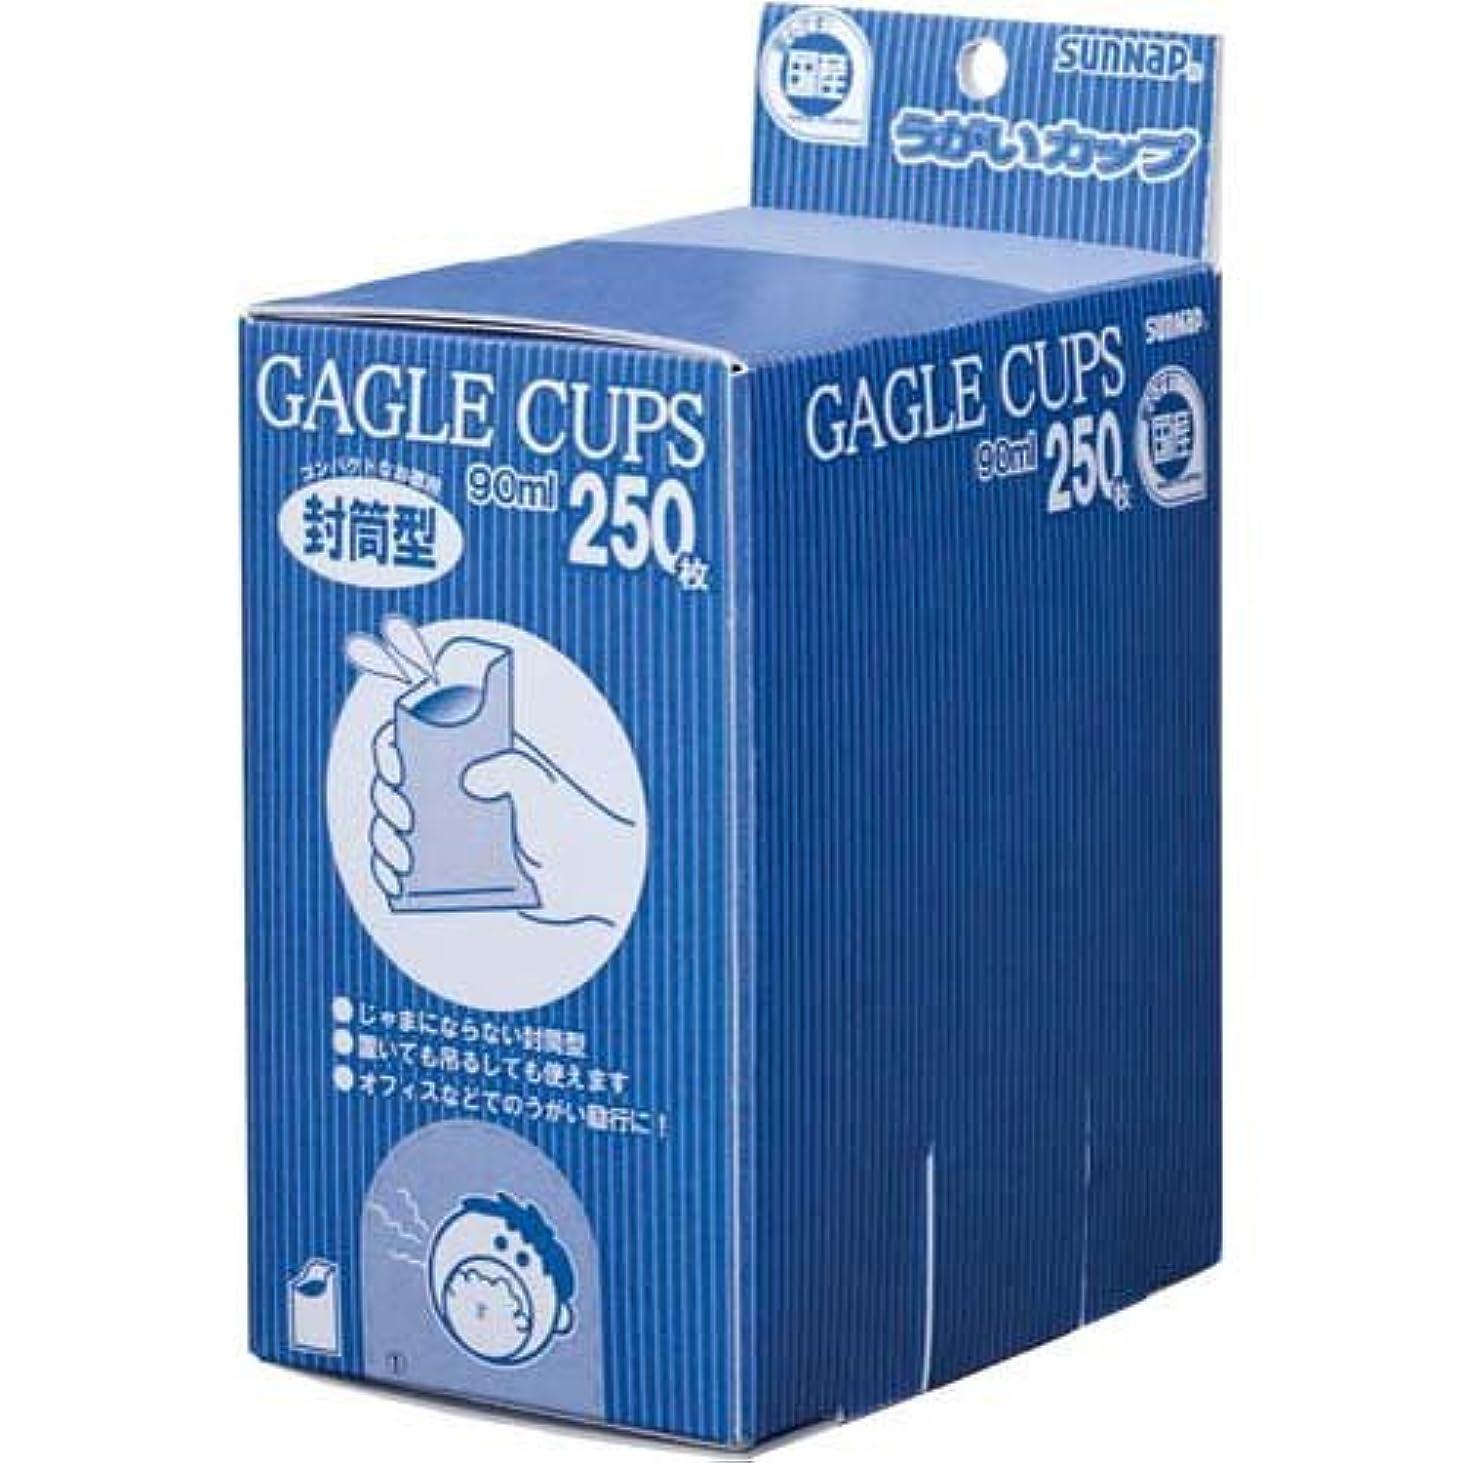 伝統パイプトピックサンナップ 封筒型うがいカップ250枚×5箱